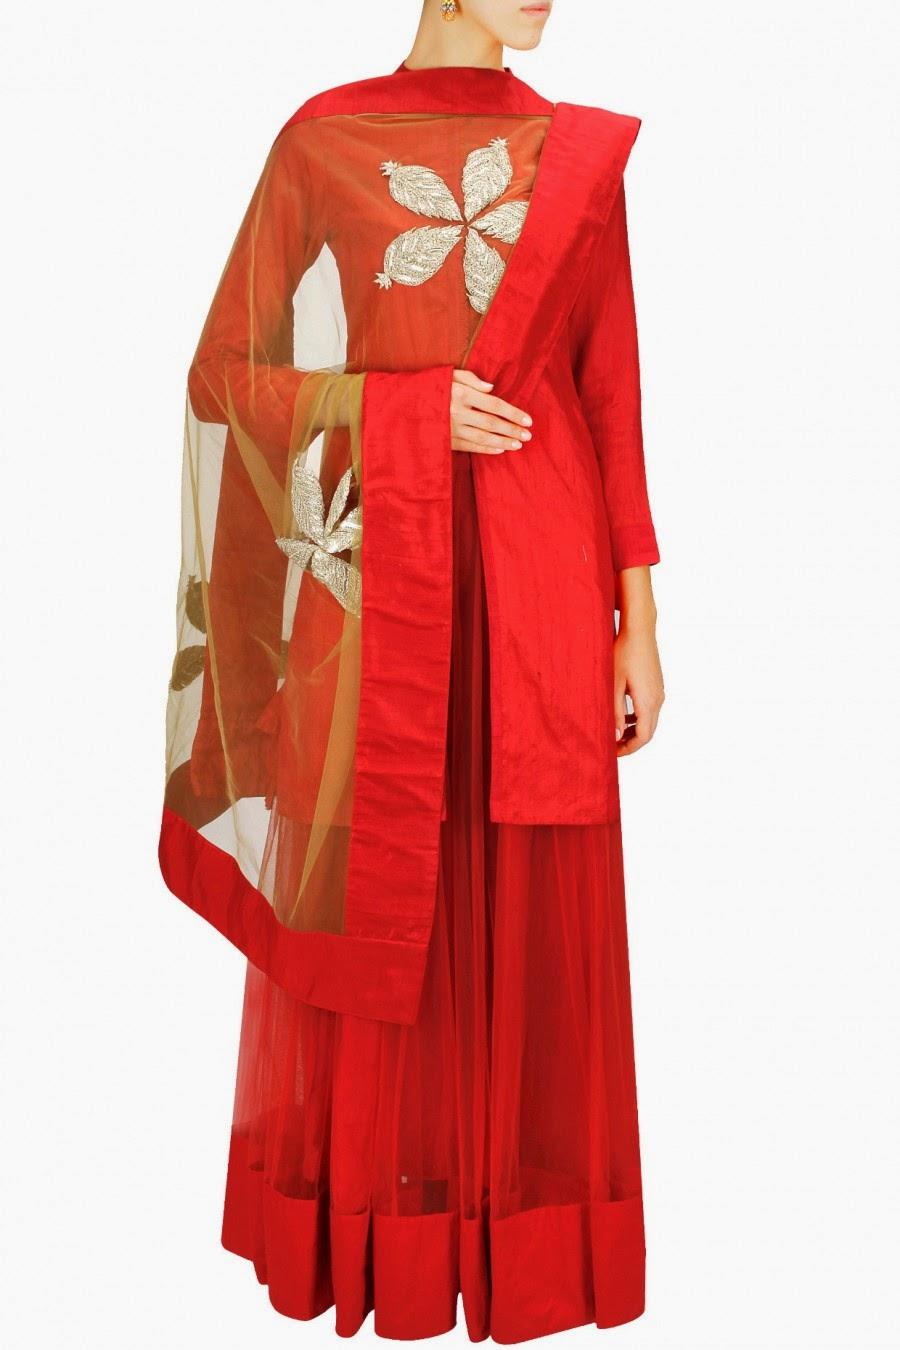 f1a1bda9d3fb Sogo fashion pvt ltd noida